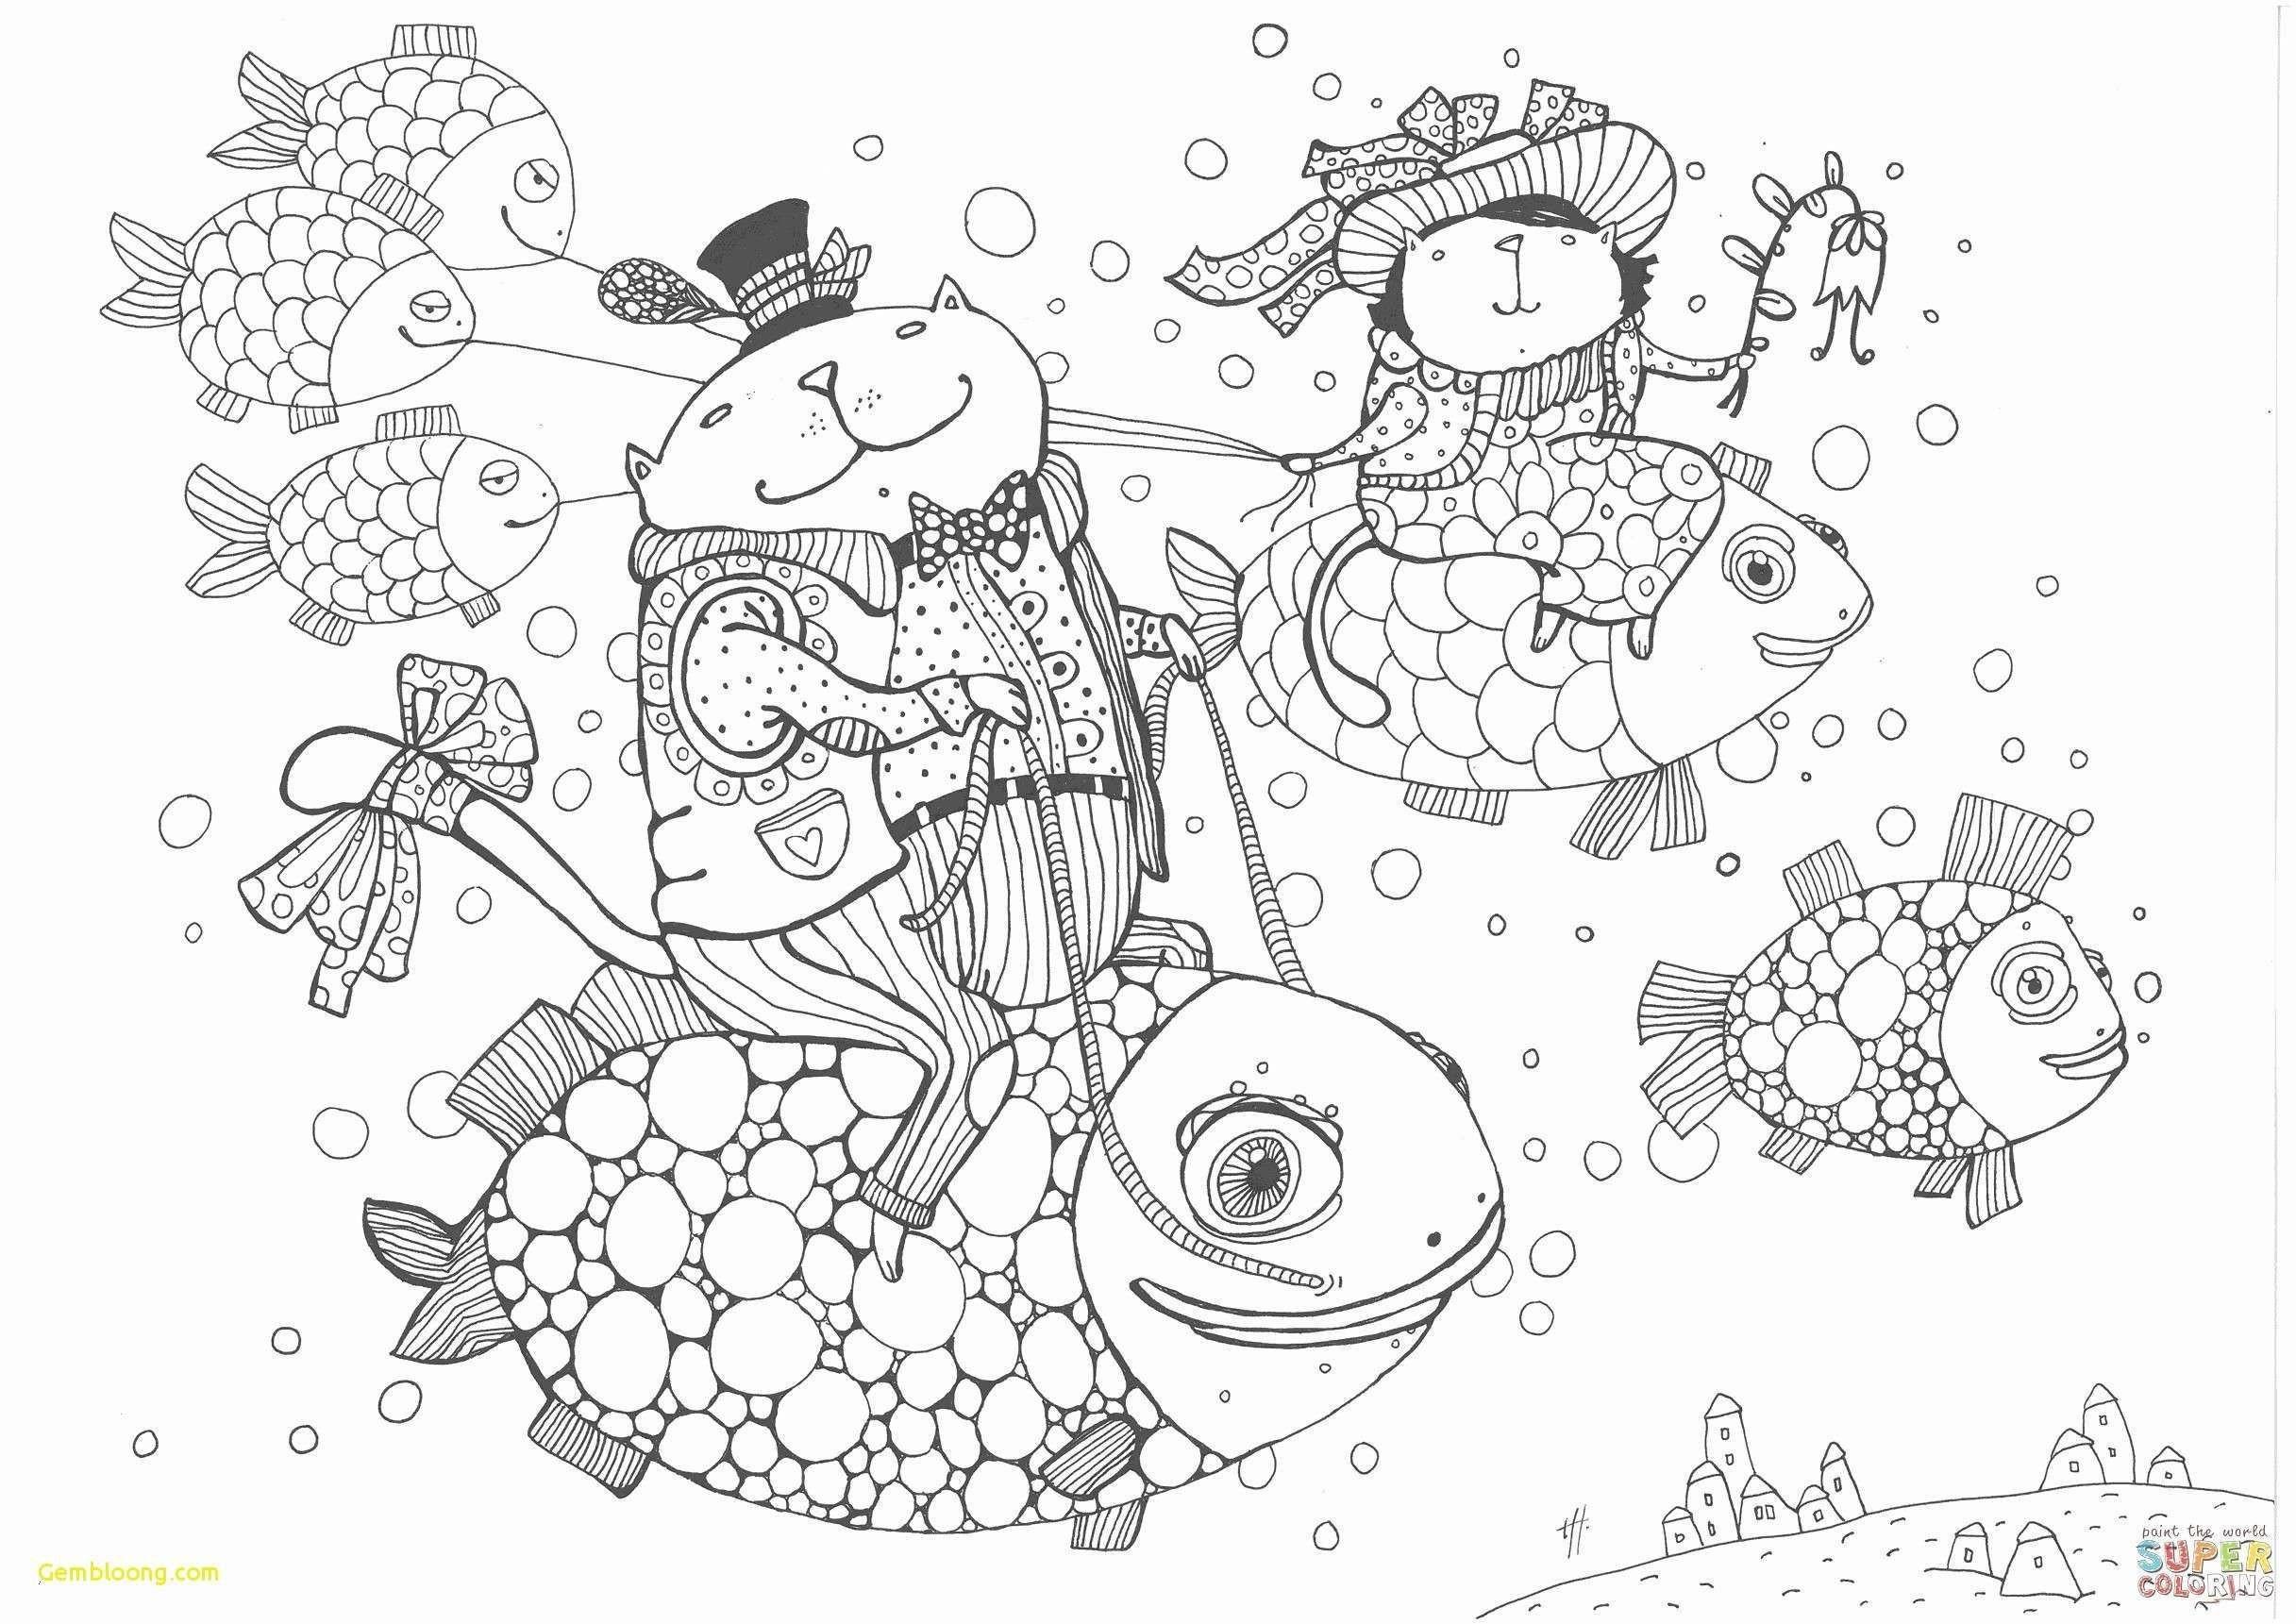 Ausmalbilder Prinzessin Meerjungfrau Frisch H2o Ausmalbilder Mandalas Zum Ausmalen Meerjungfrau Drdp Galerie